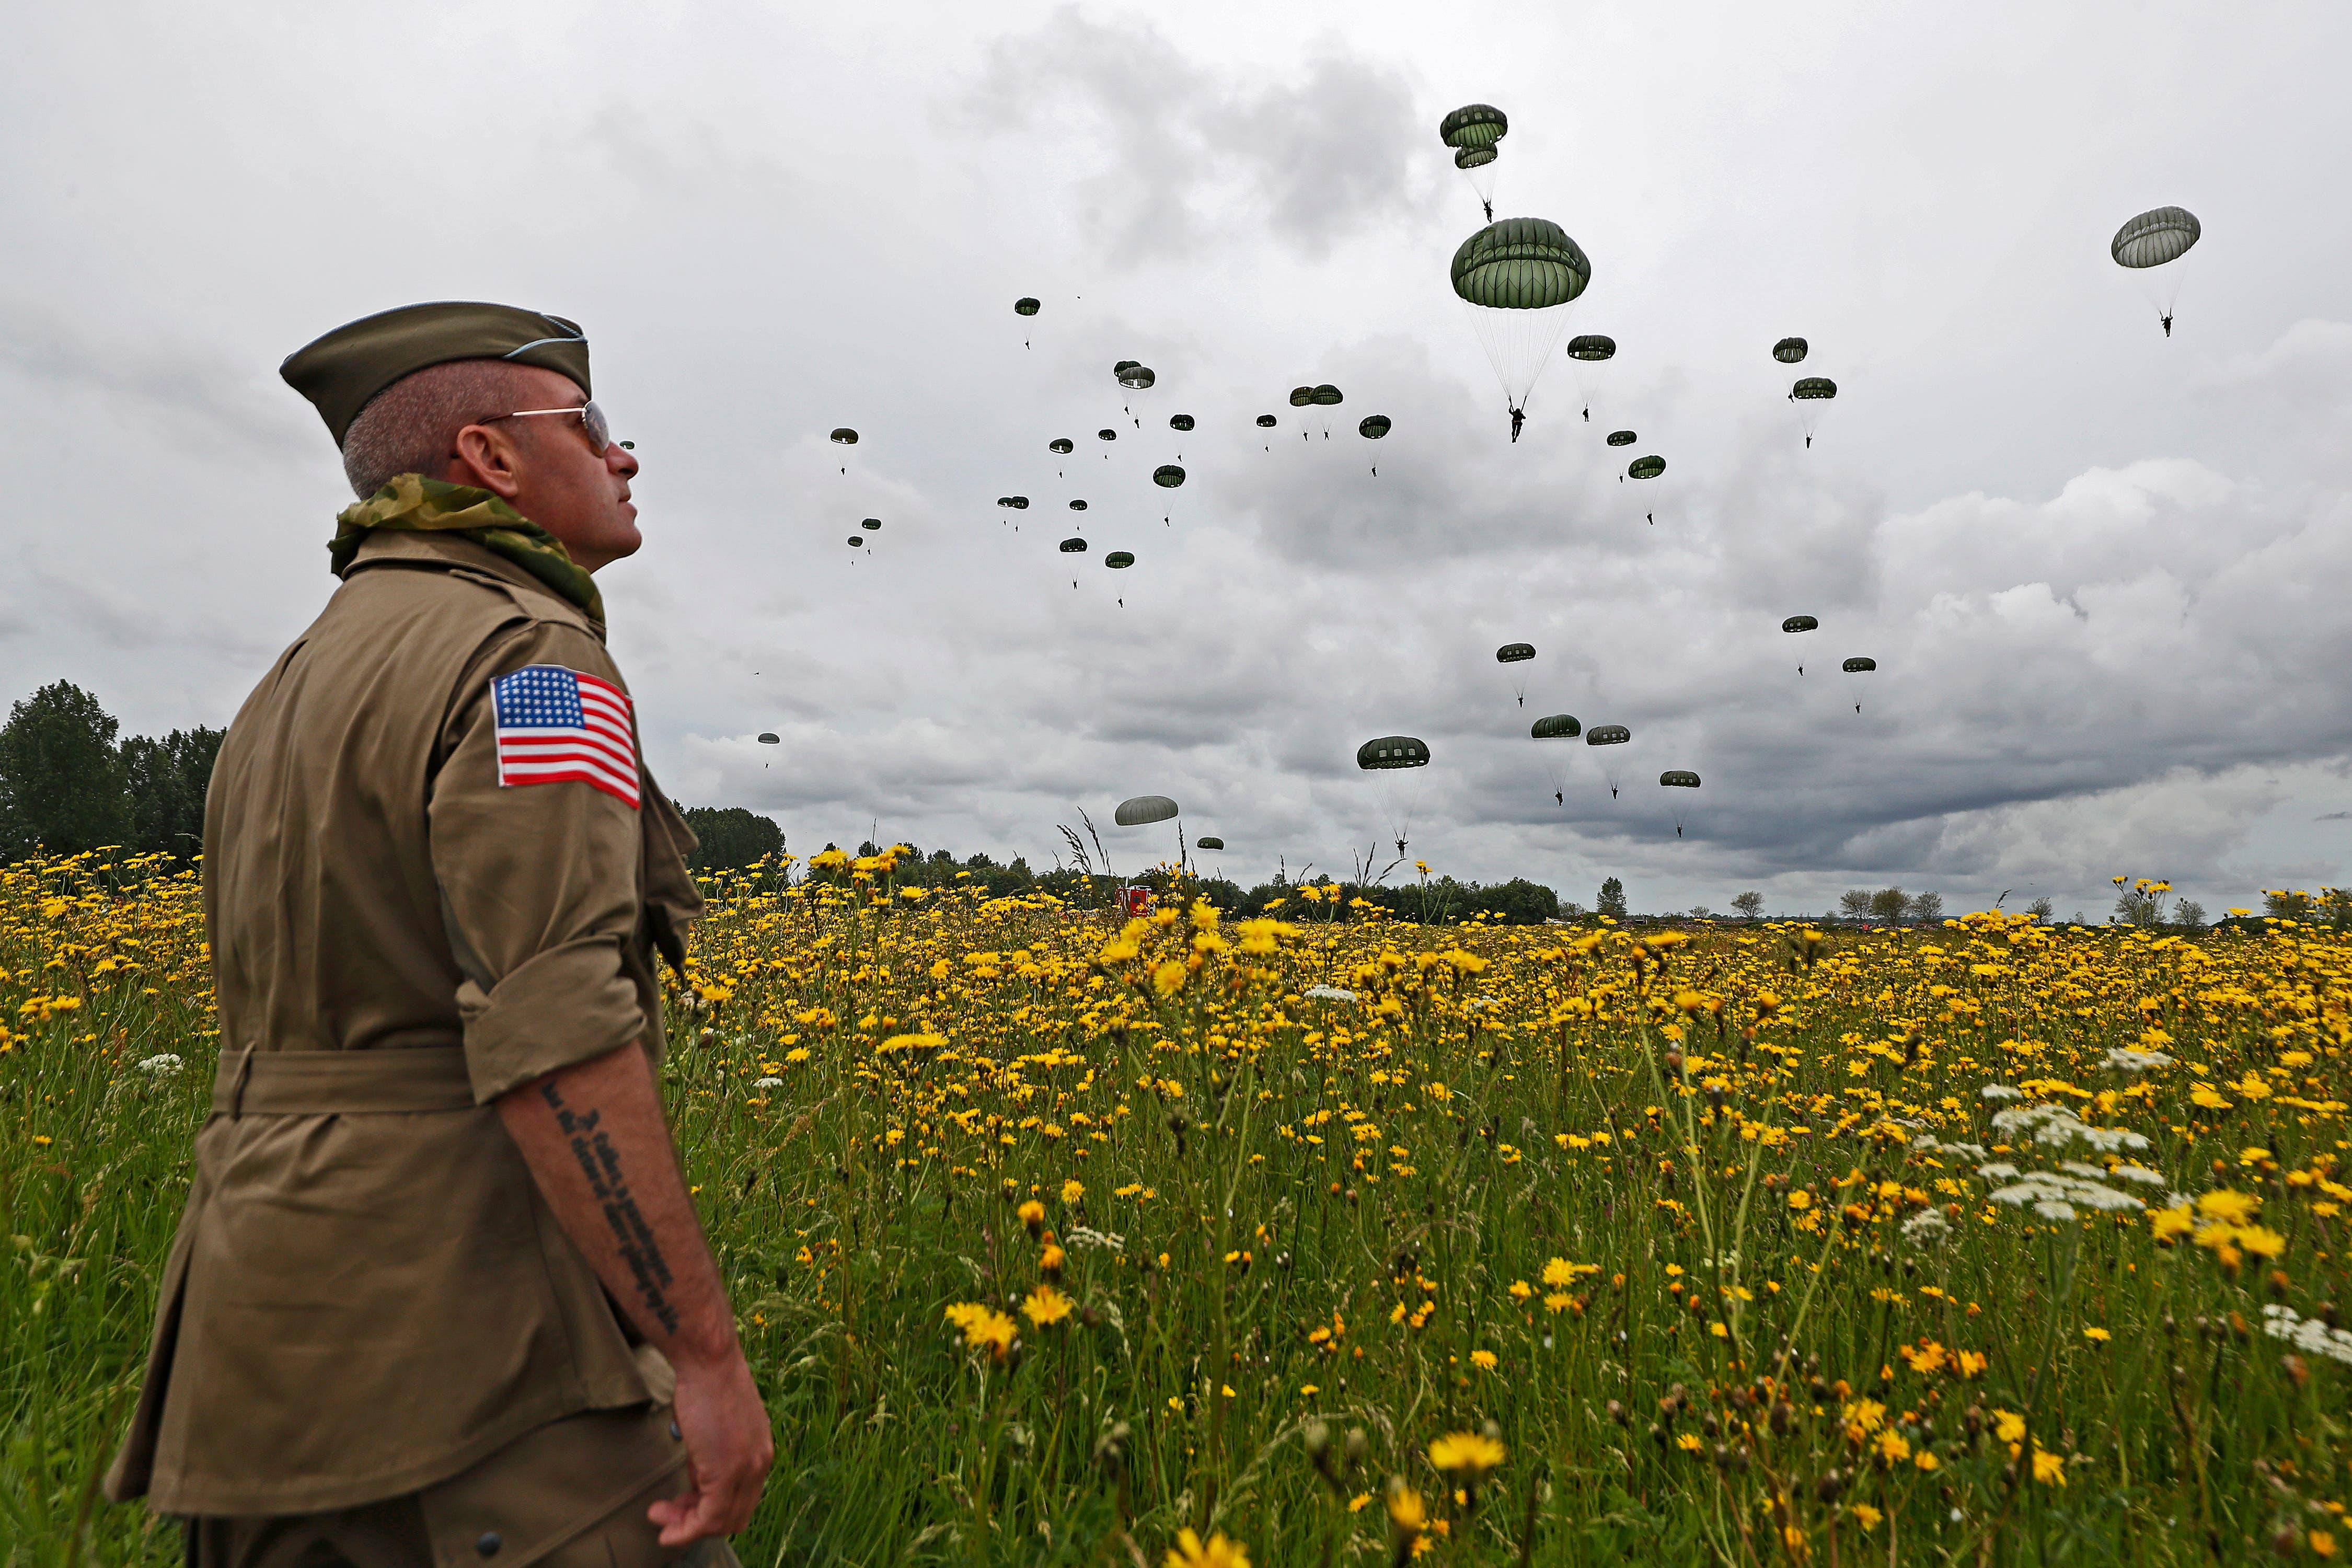 Ein Zuschauer beobachtet historisch gekleidet die anlässlich der Gedenkfeierlichkeiten landenden Fallschirmspringer in Frankreich. (Bild: Keystone/Sebastien Nogier, Carentan, 5. Juni 2019)